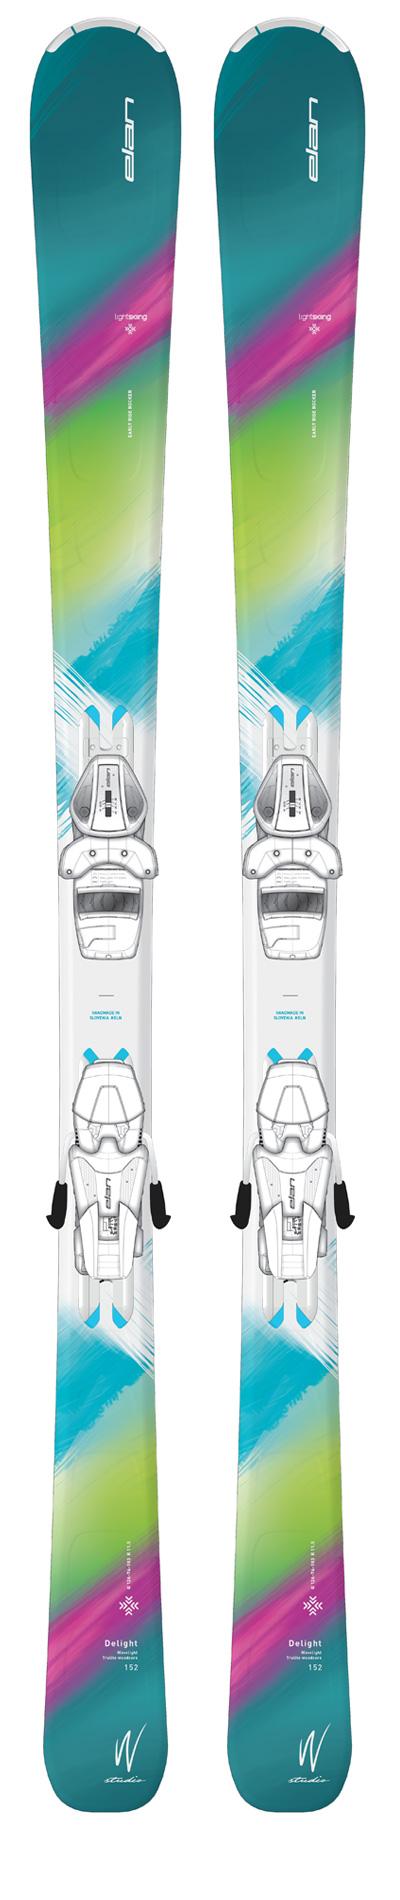 Горные лыжи с креплениями Elan 2016-17 DELIGHT CHARM LS ELW9.0